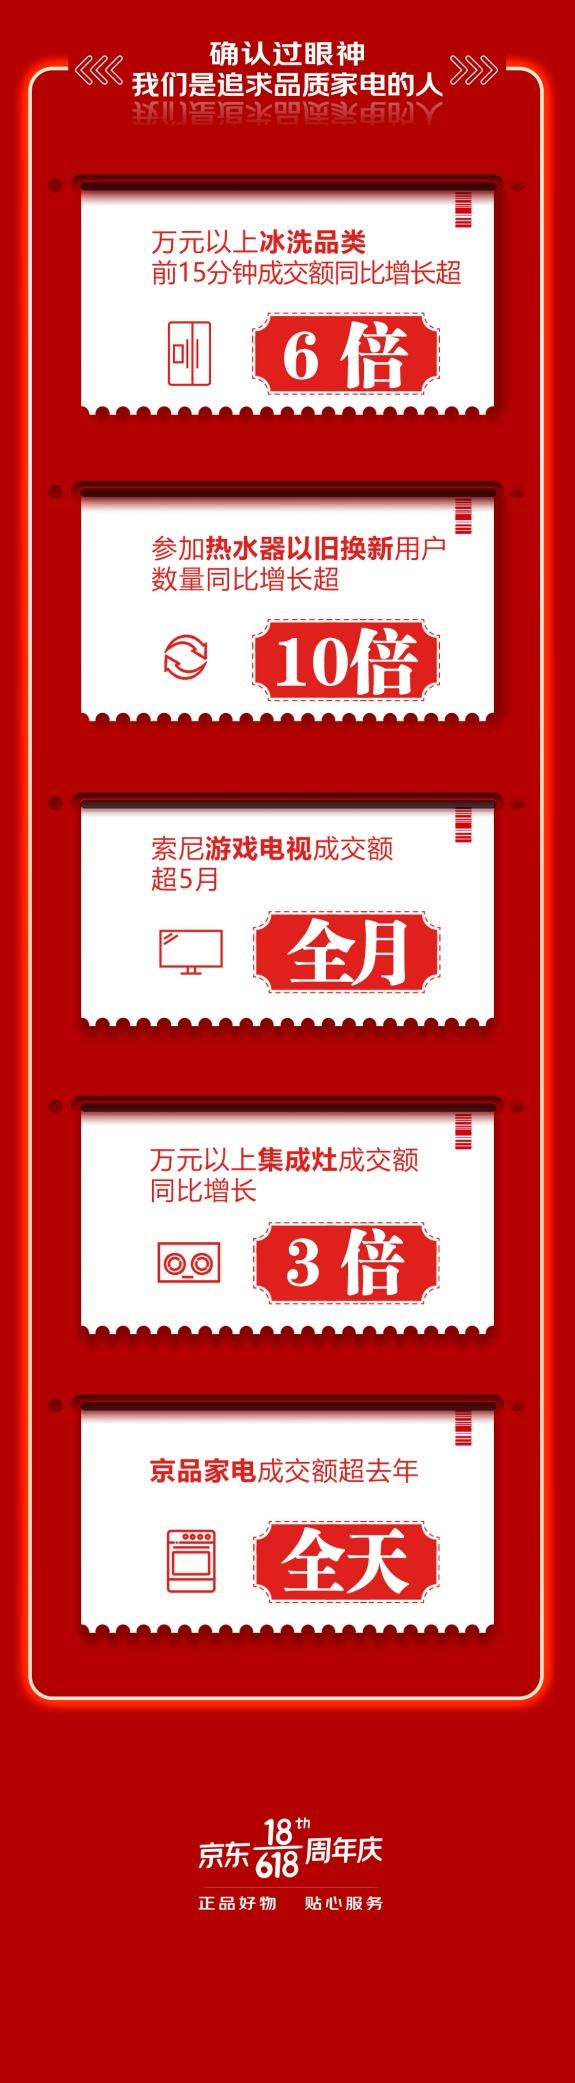 品质家电焕新品质生活!京东618热水器换新量同比增长超10倍